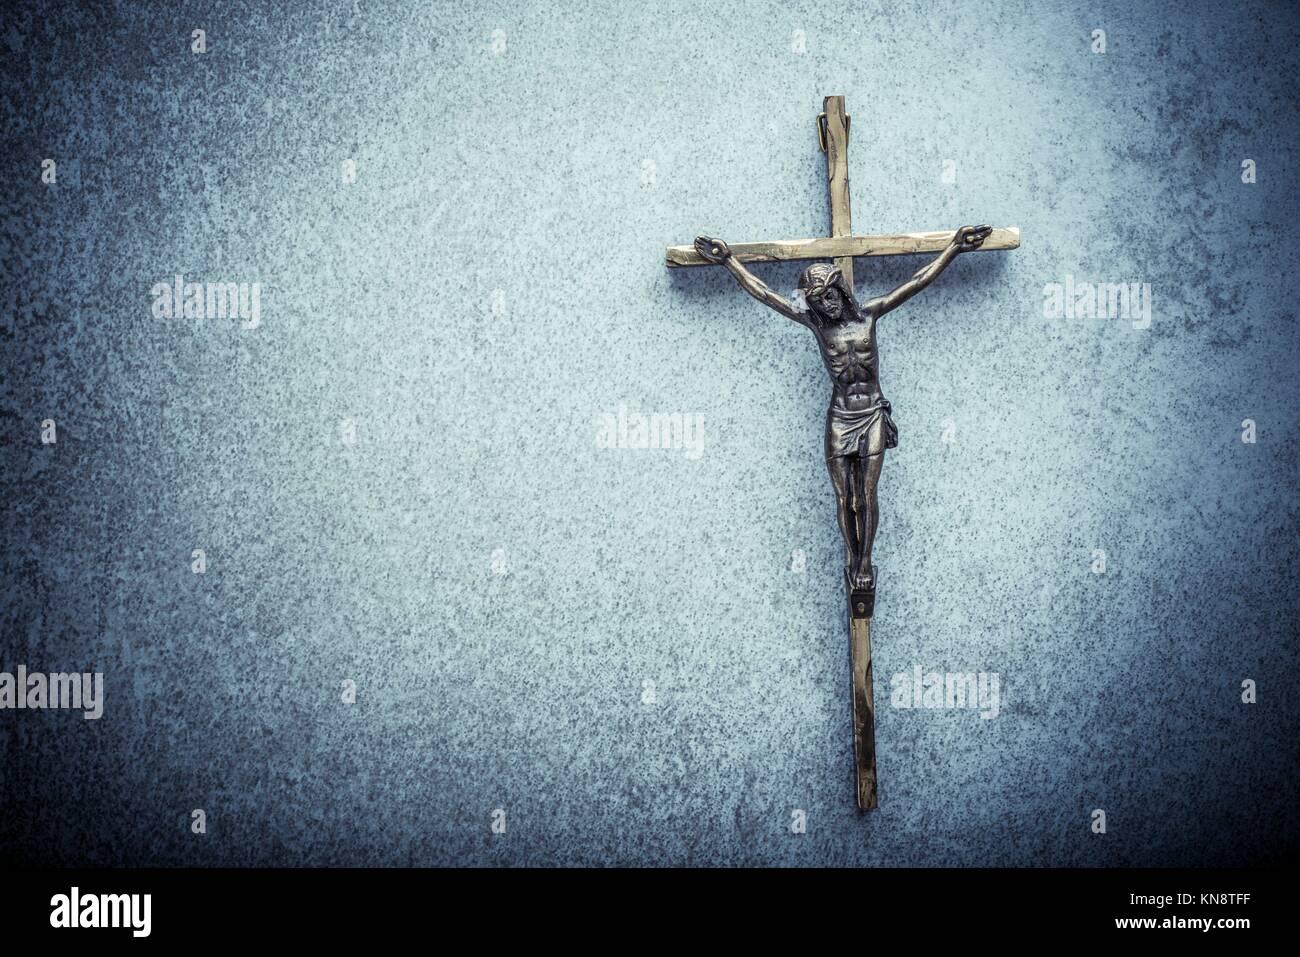 Crocifisso di Gesù sulla croce con la pietra di sfondo. Simbolo della religione cristiana e la fede. Immagine Immagini Stock